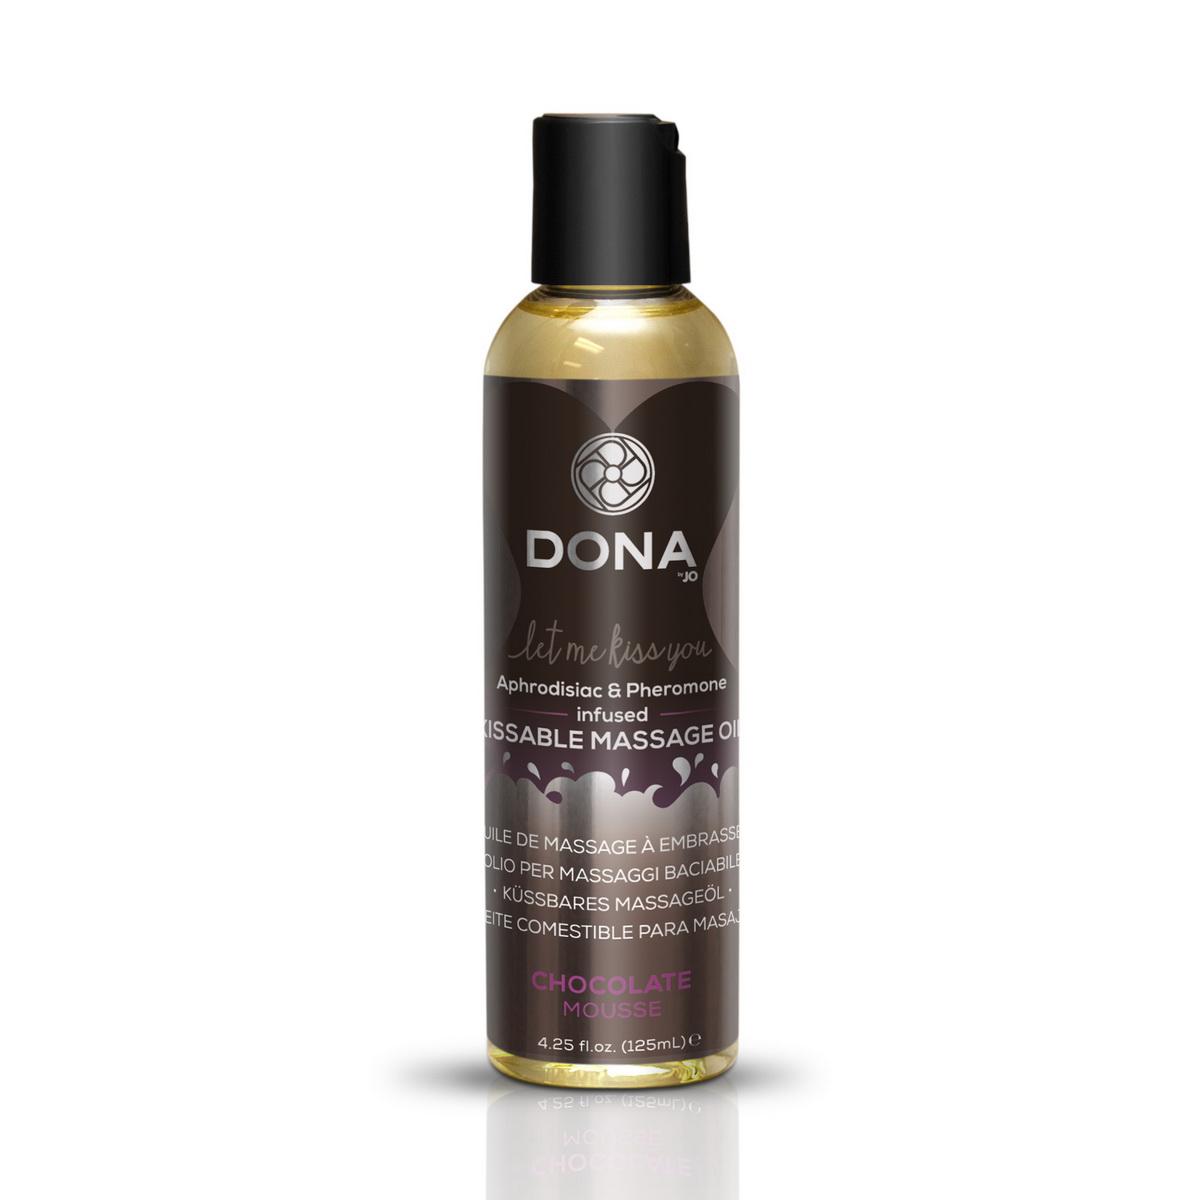 Jedlý masážní olej Chocolate Mousse (125 ml)